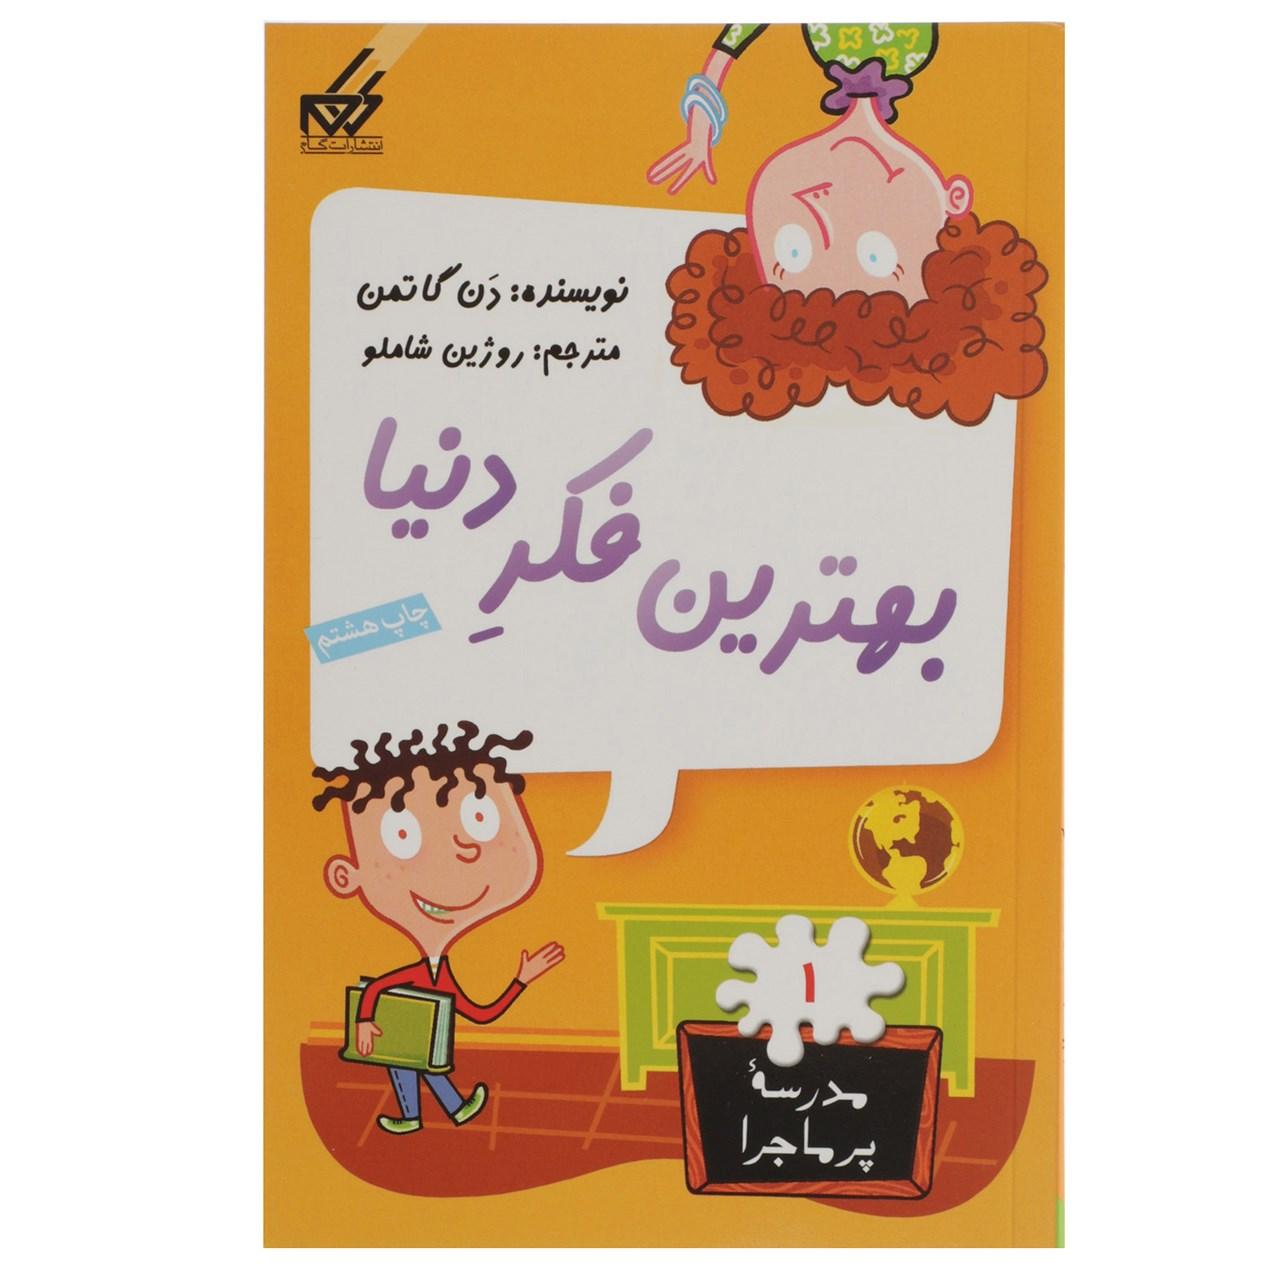 خرید                      کتاب مدرسه پر ماجرا 1 بهترین فکر دنیا  اثر دن گاتمن